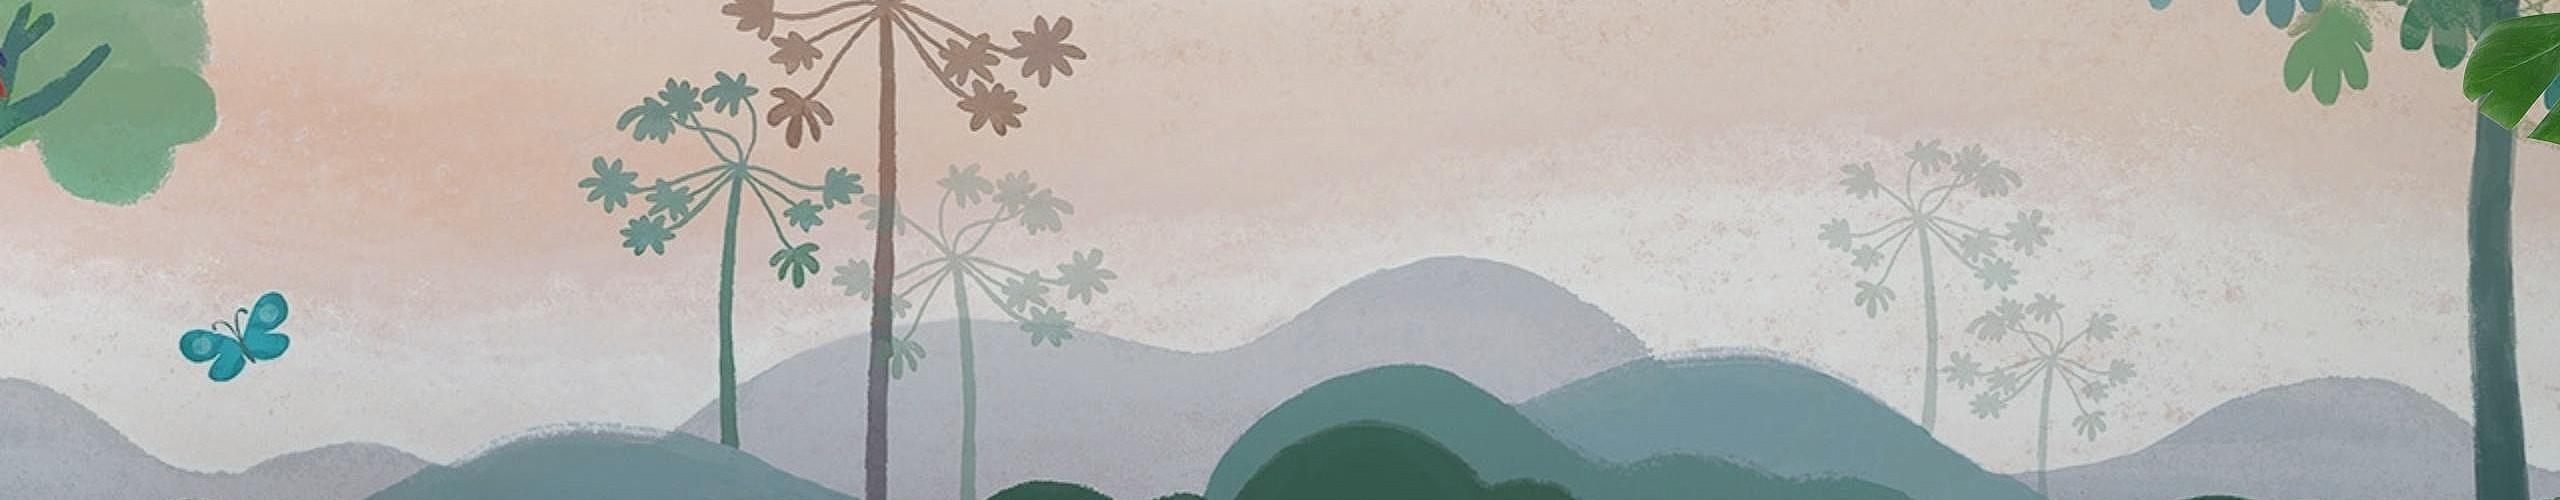 Neue tapeten landschaft tapeten lust auf was neues for Neue tapeten